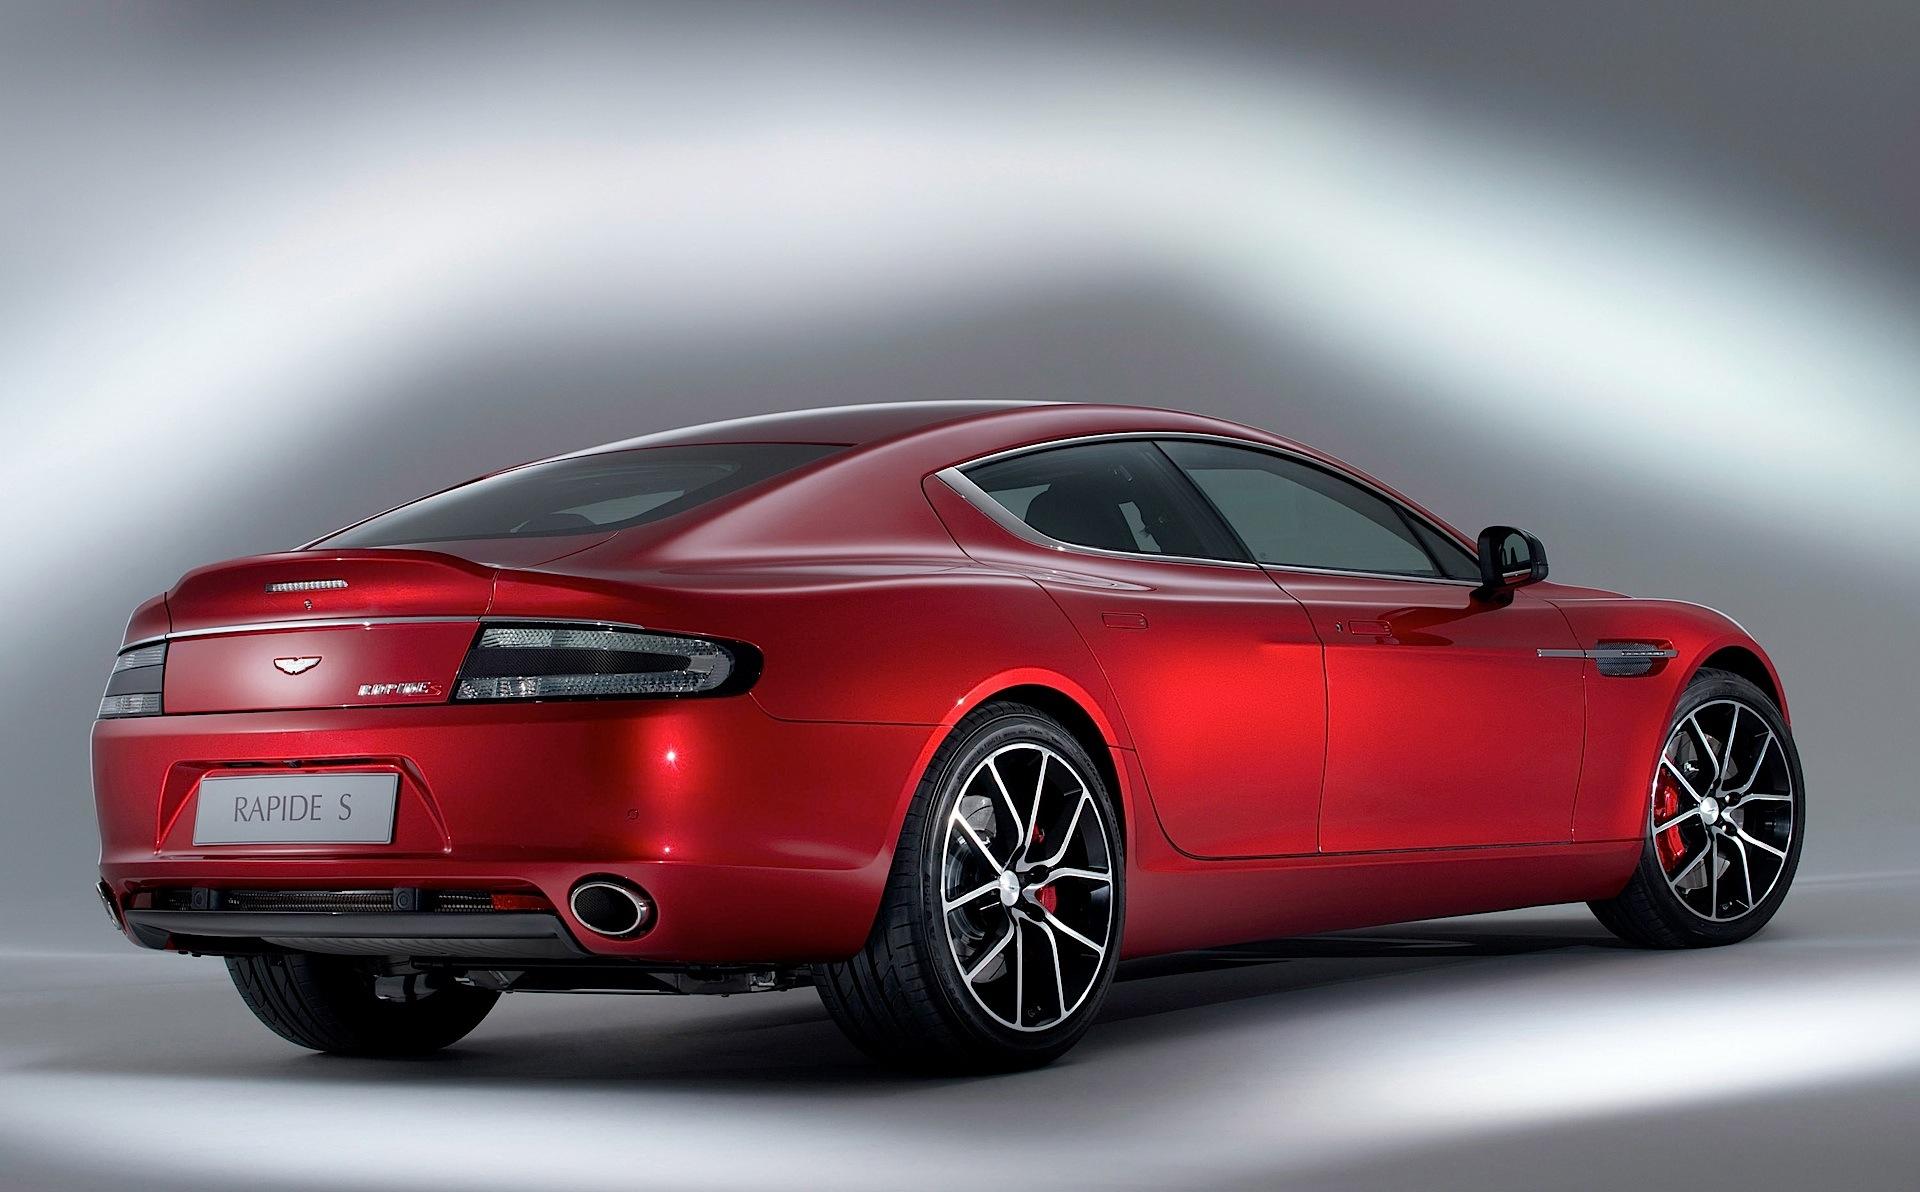 Aston Martin Rapide S Spezifikationen Fotos 2013 2014 2015 2016 2017 2018 Autoevolution In Deutscher Sprache